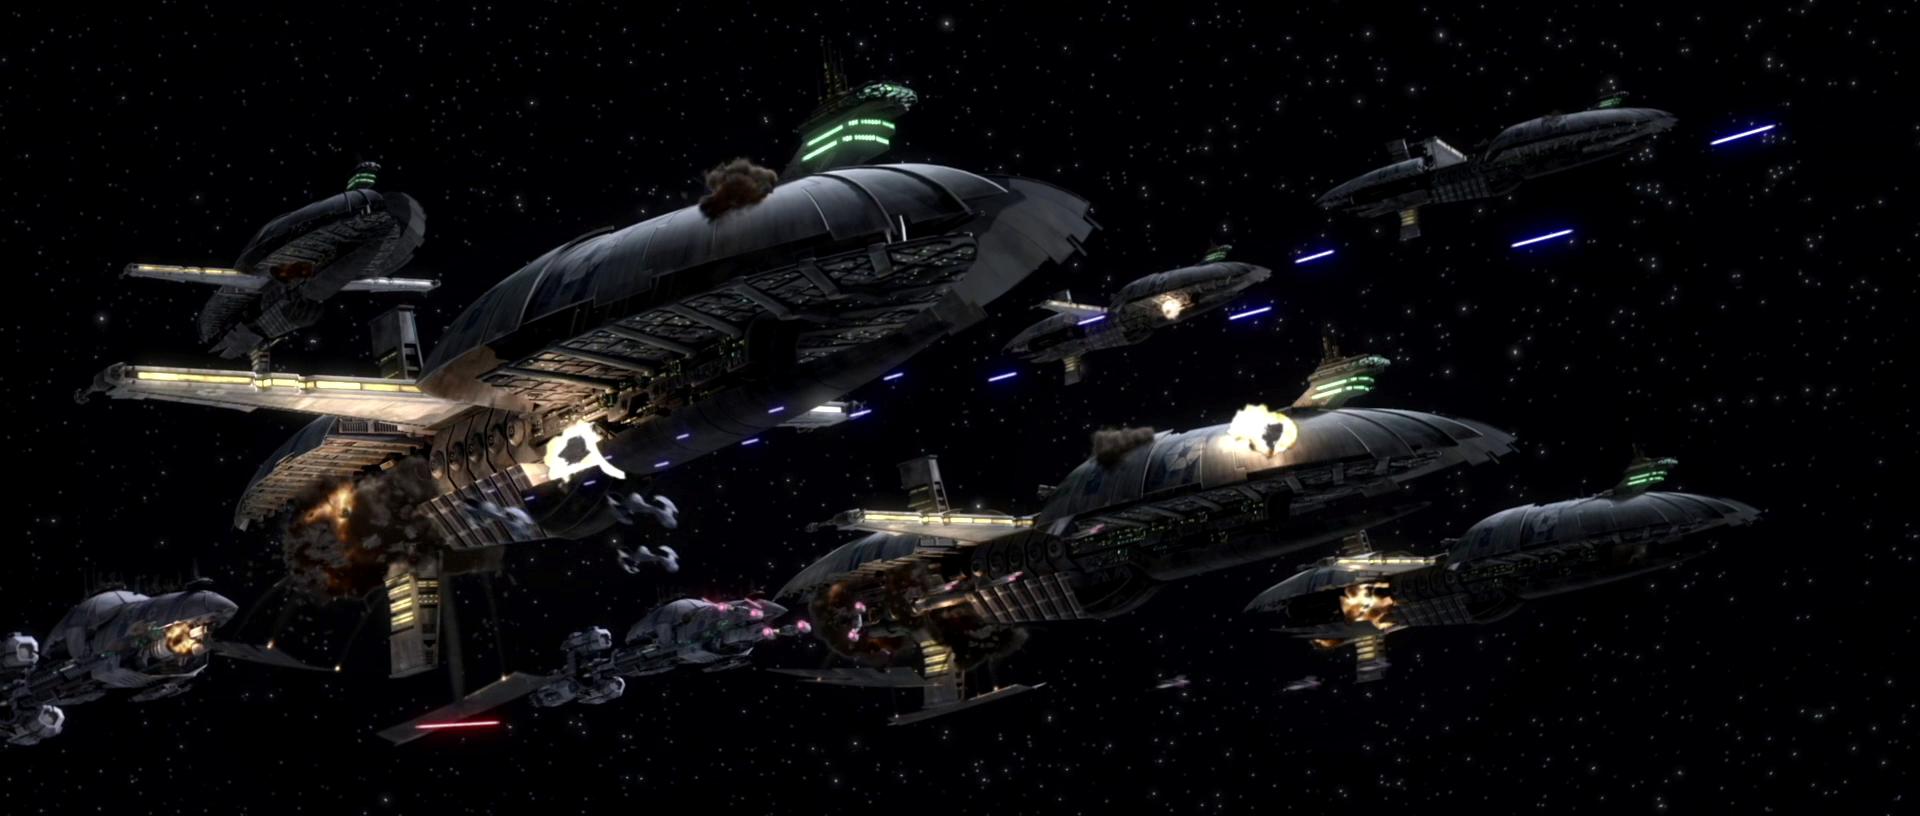 Képtalálatok a következőre: star wars separatist fleet